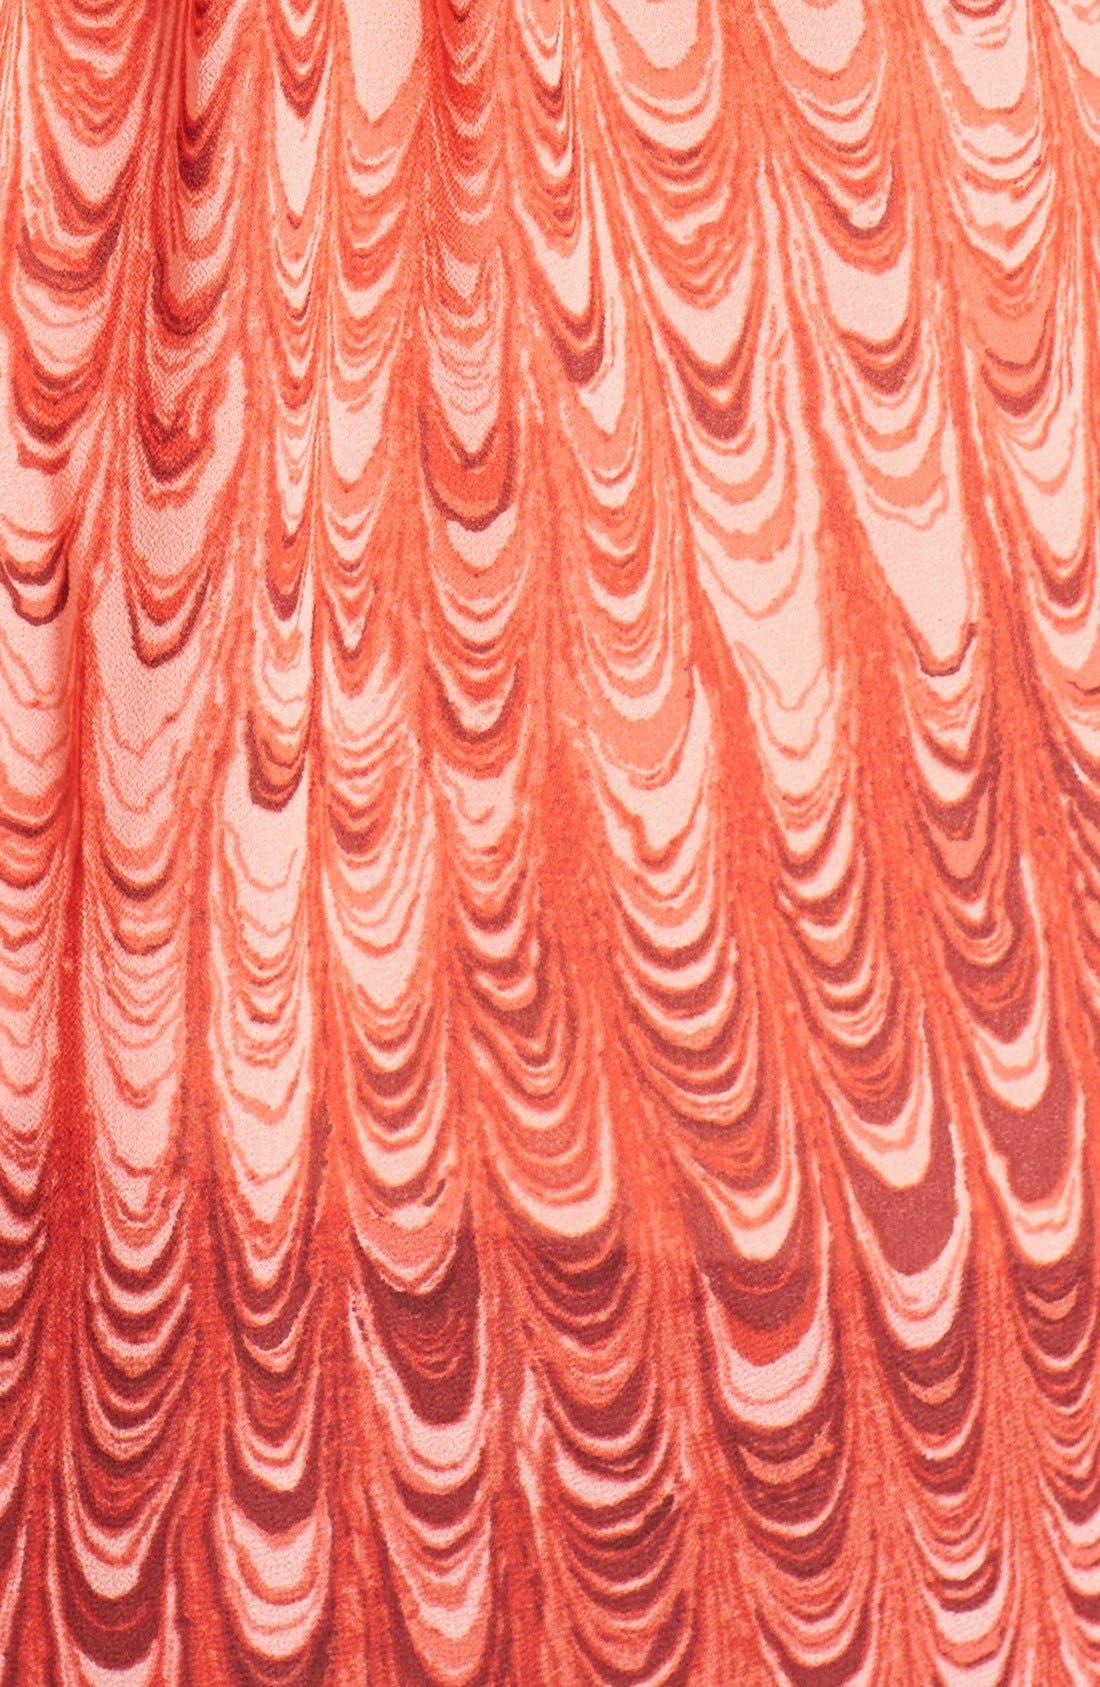 Alternate Image 3  - MICHAEL Michael Kors 'Paper' Flowy Top (Plus Size)